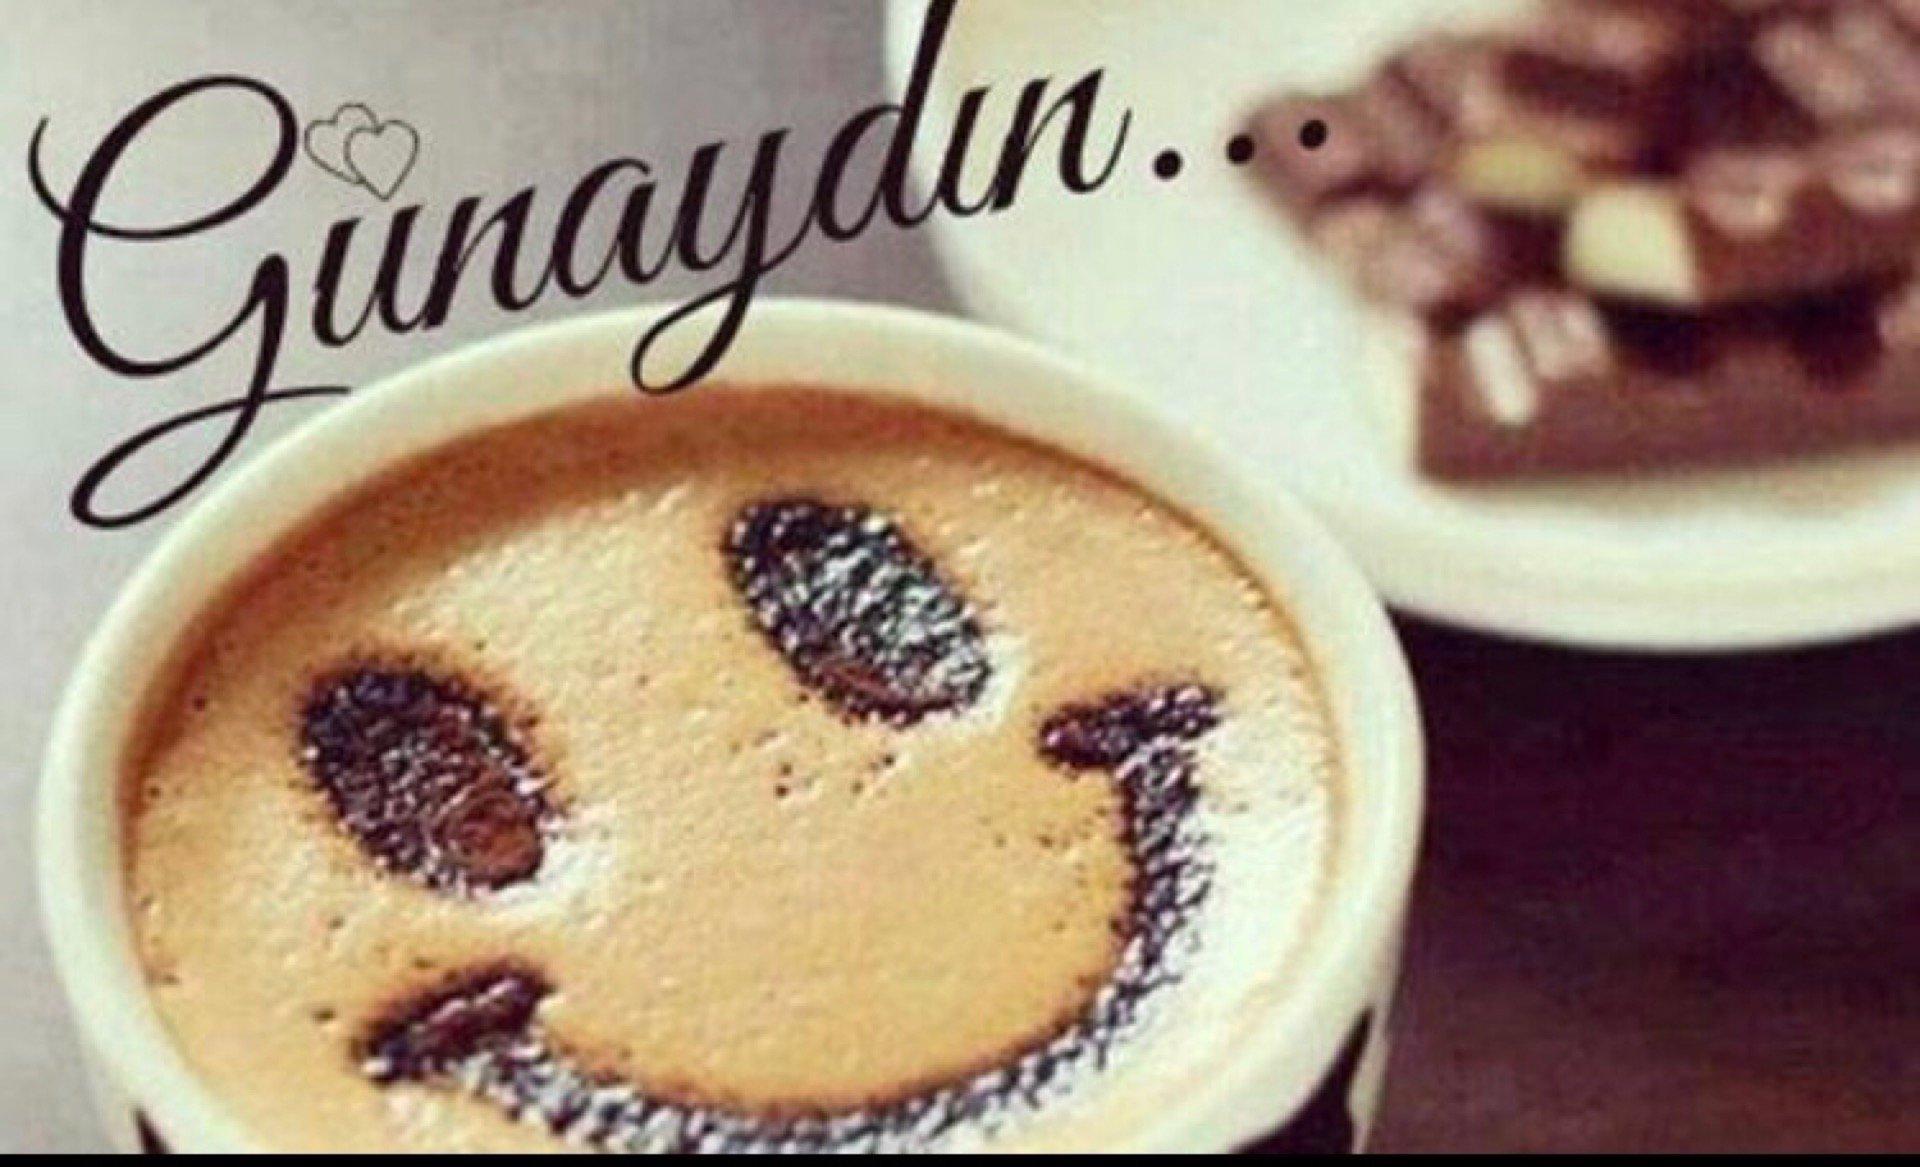 других пожелание доброго утра любимому на турецком даже самая